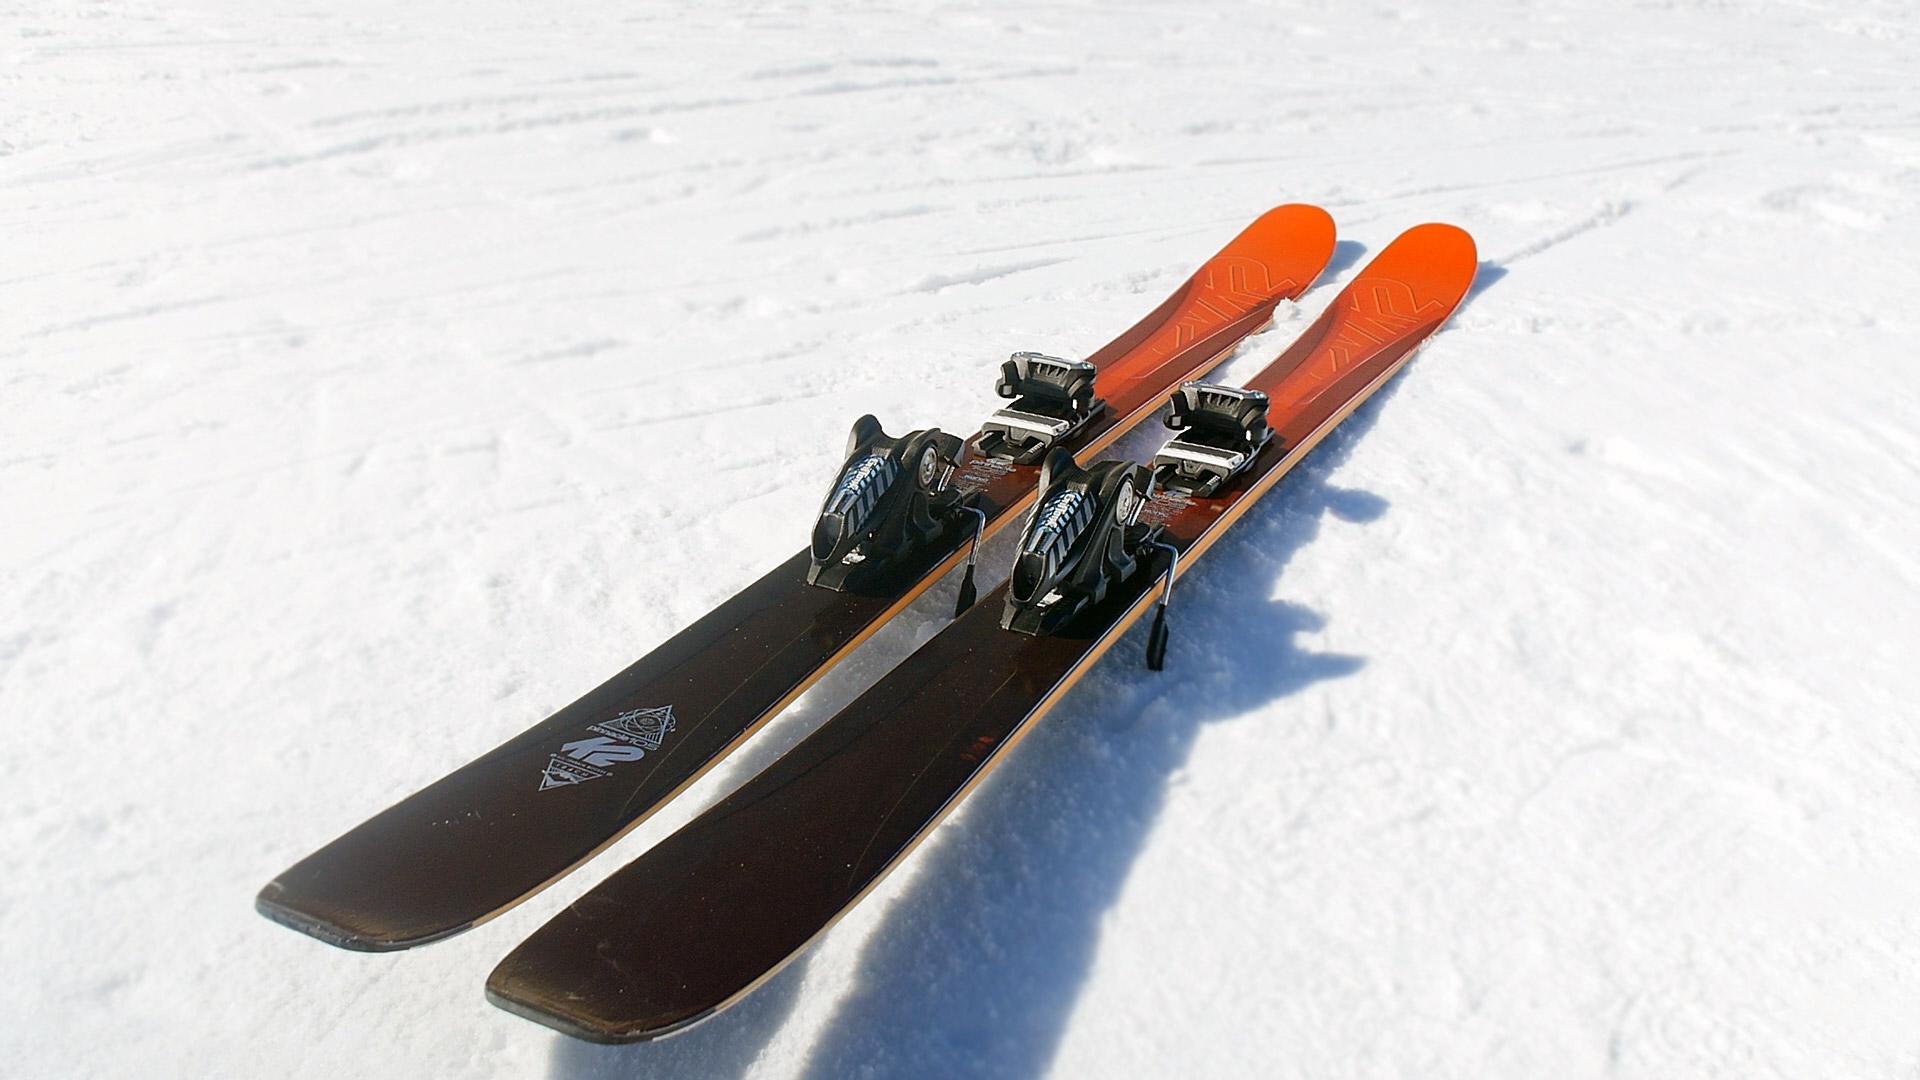 d17a3f5e76c EpicTV Video  K2 Pinnacle 105 Ski Review 2015 2016